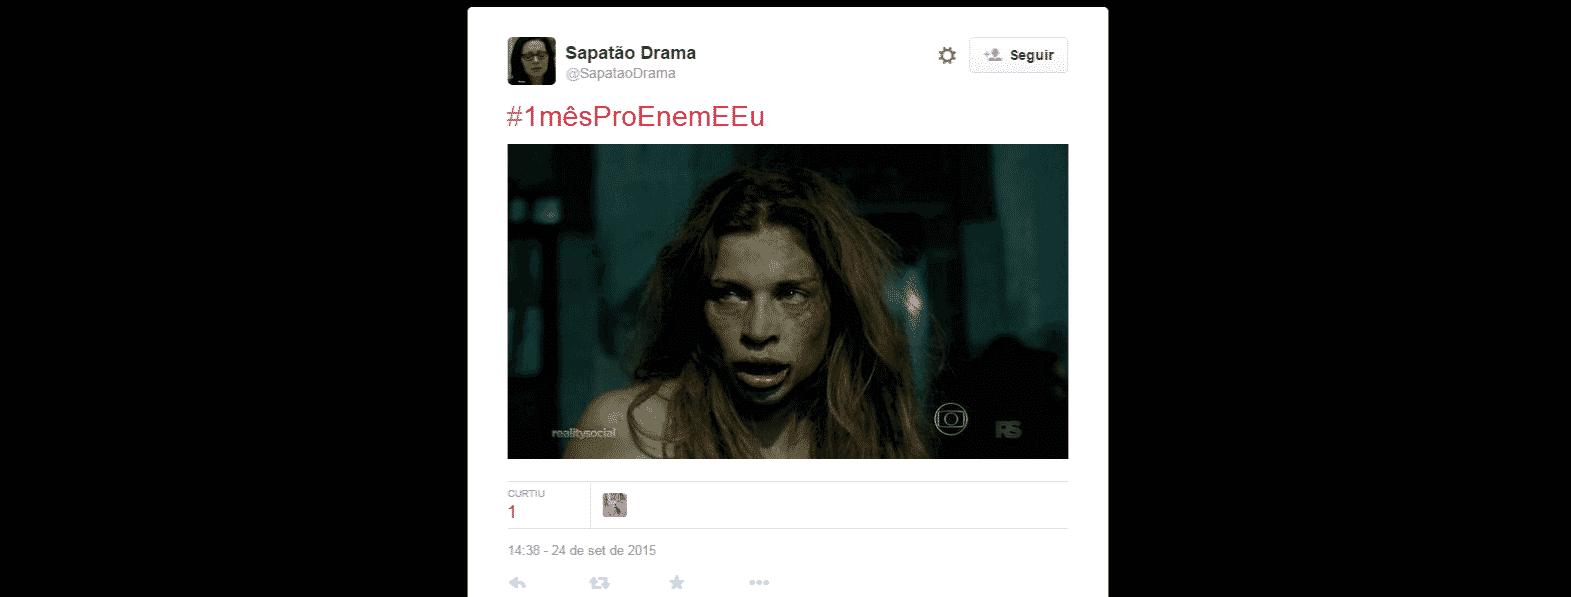 A apenas 30 dias para o Enem (Exame Nacional do Ensino Médio) 2015, a hashtag #1mêsProEnemEEu está no primeiro lugar nos assuntos mais comentados do Twitter no Brasil - Reprodução/Twitter